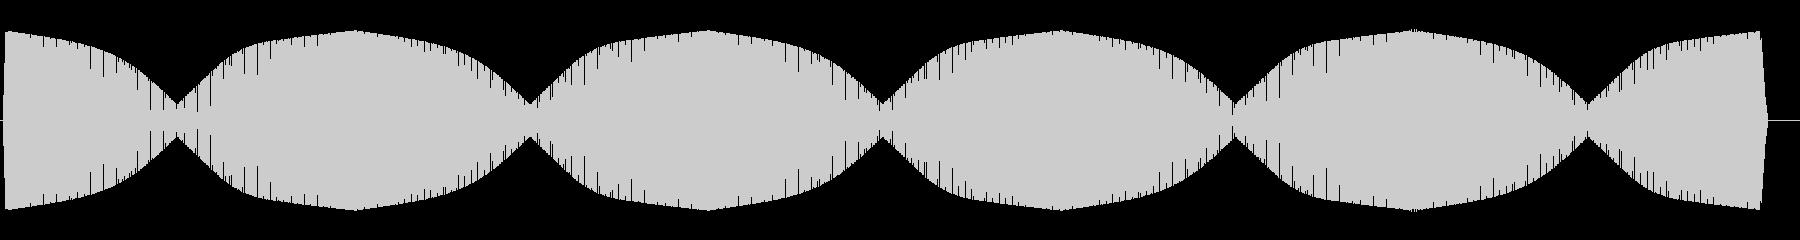 ワープエンジン(一定周期で繰り返される)の未再生の波形